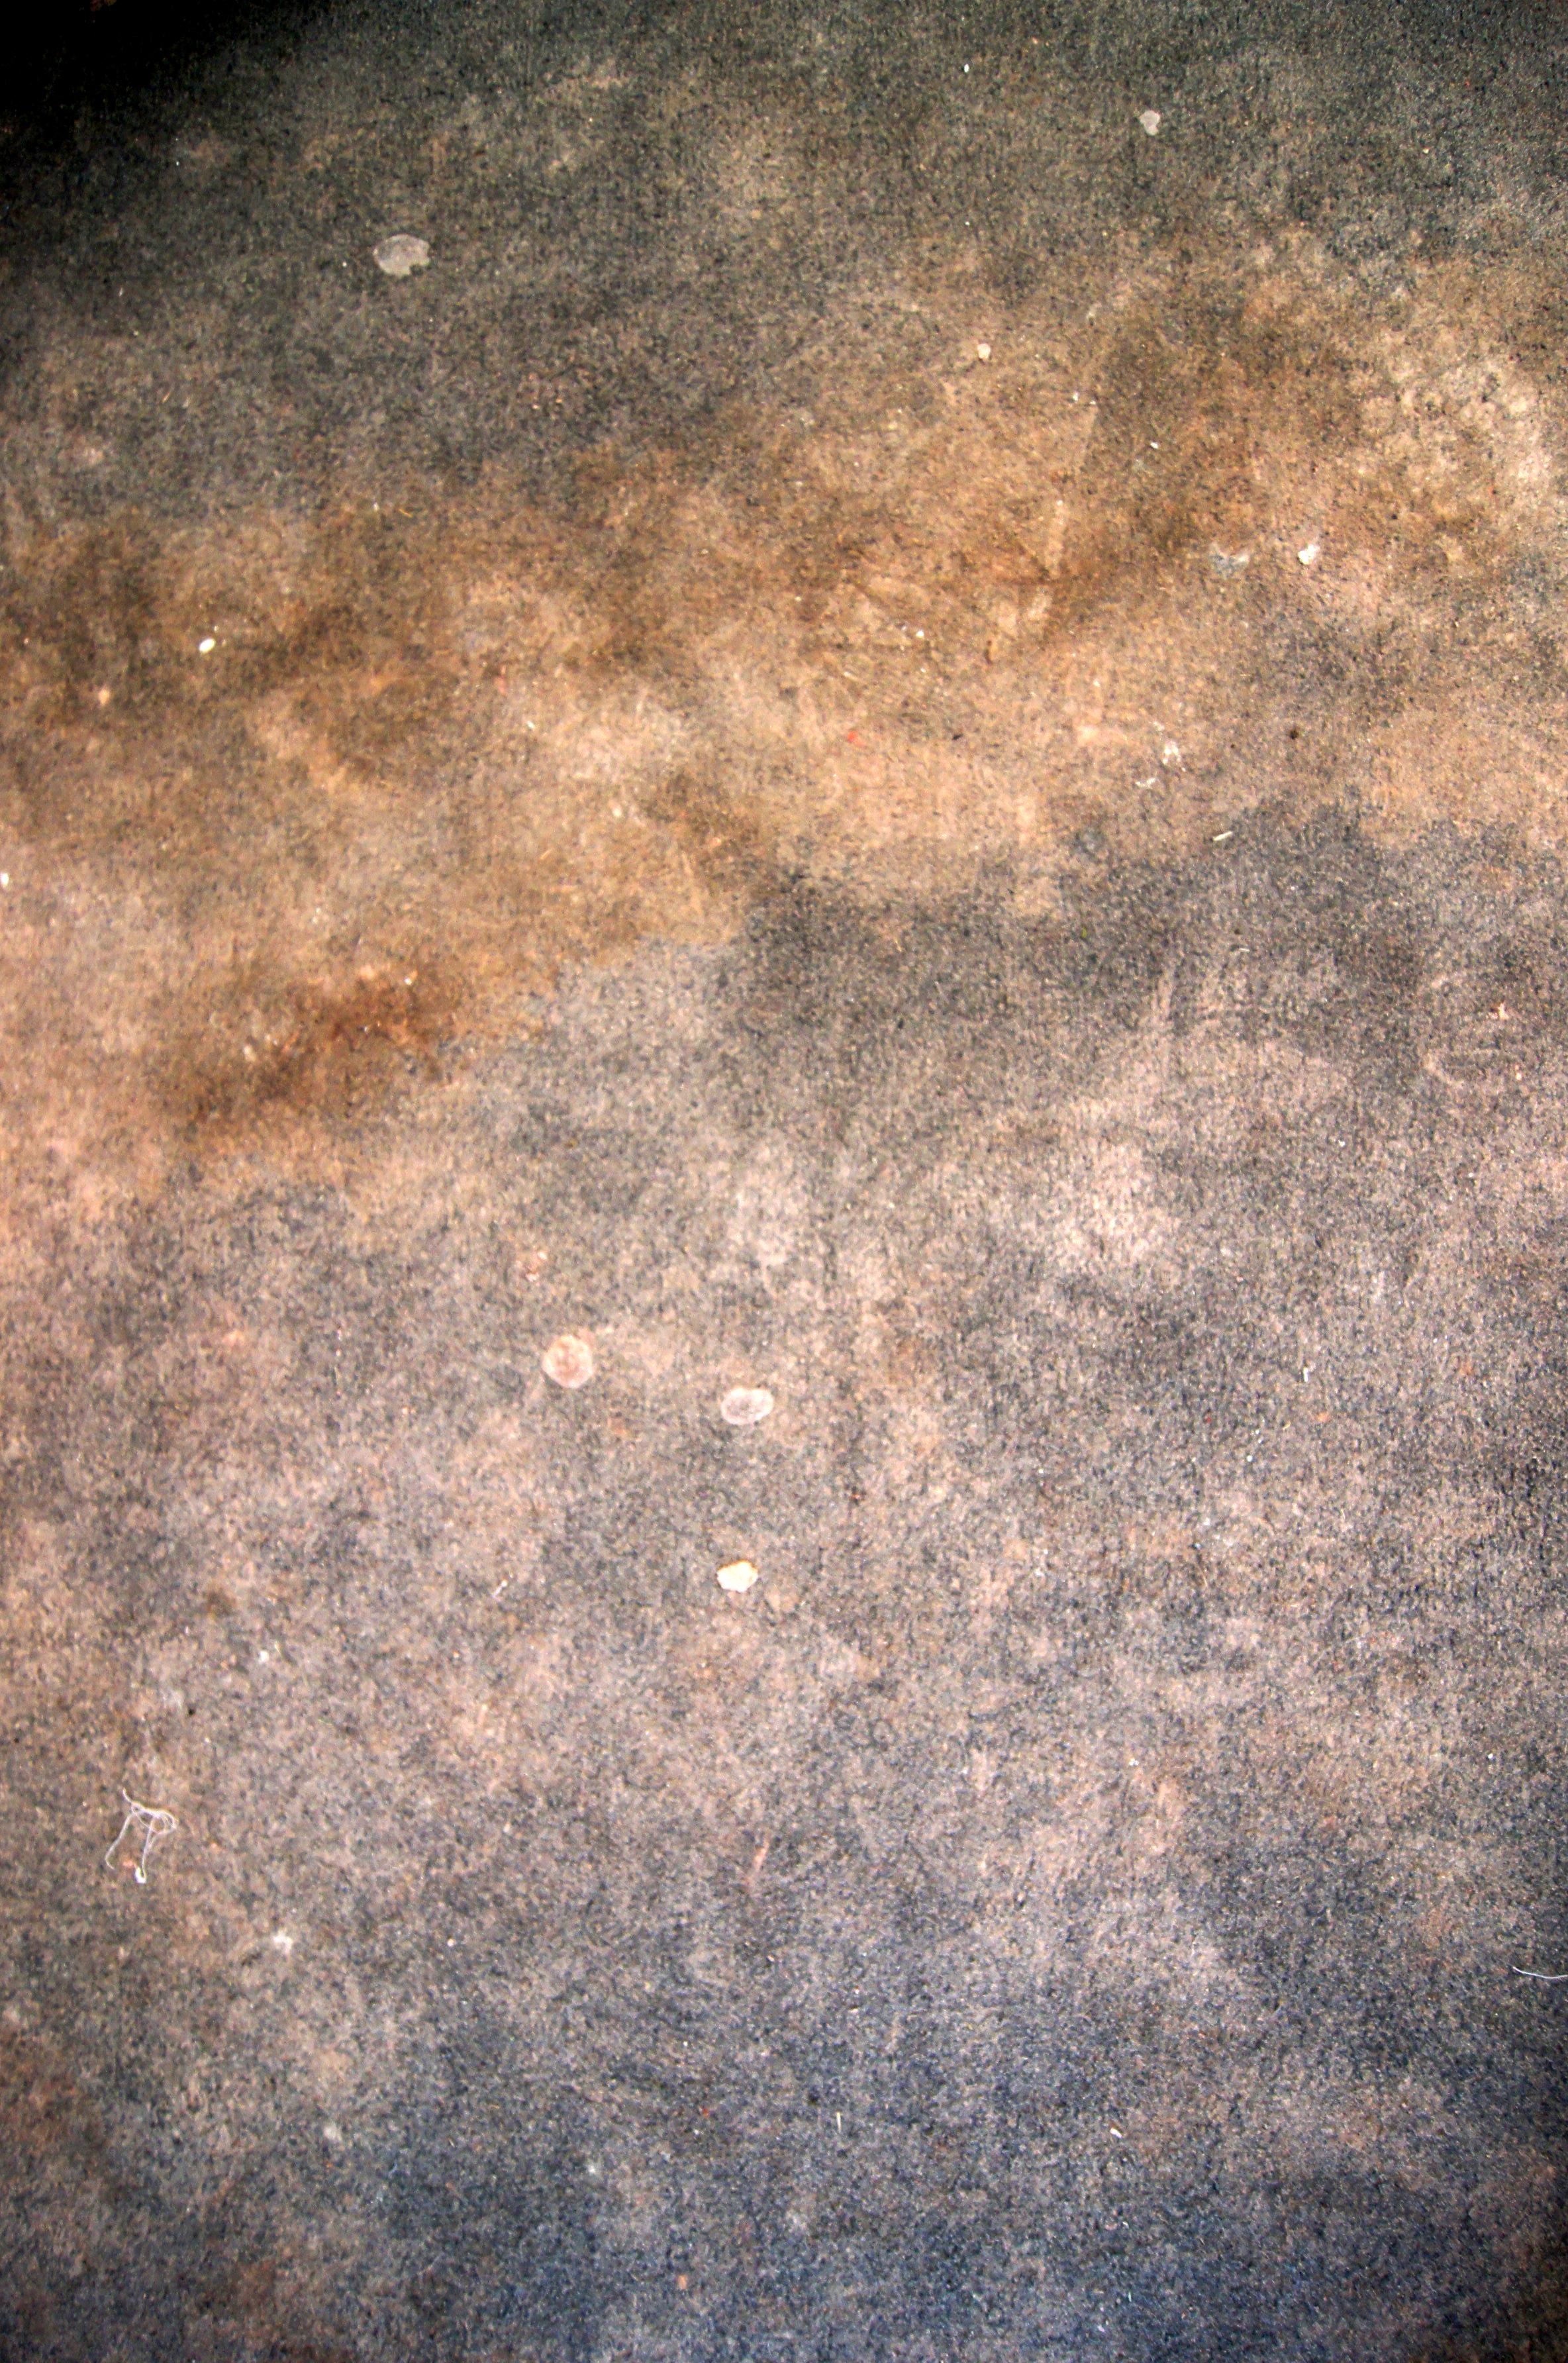 Grimy linoleum floor texture 1 by bugworlds on deviantart for Textured linoleum flooring